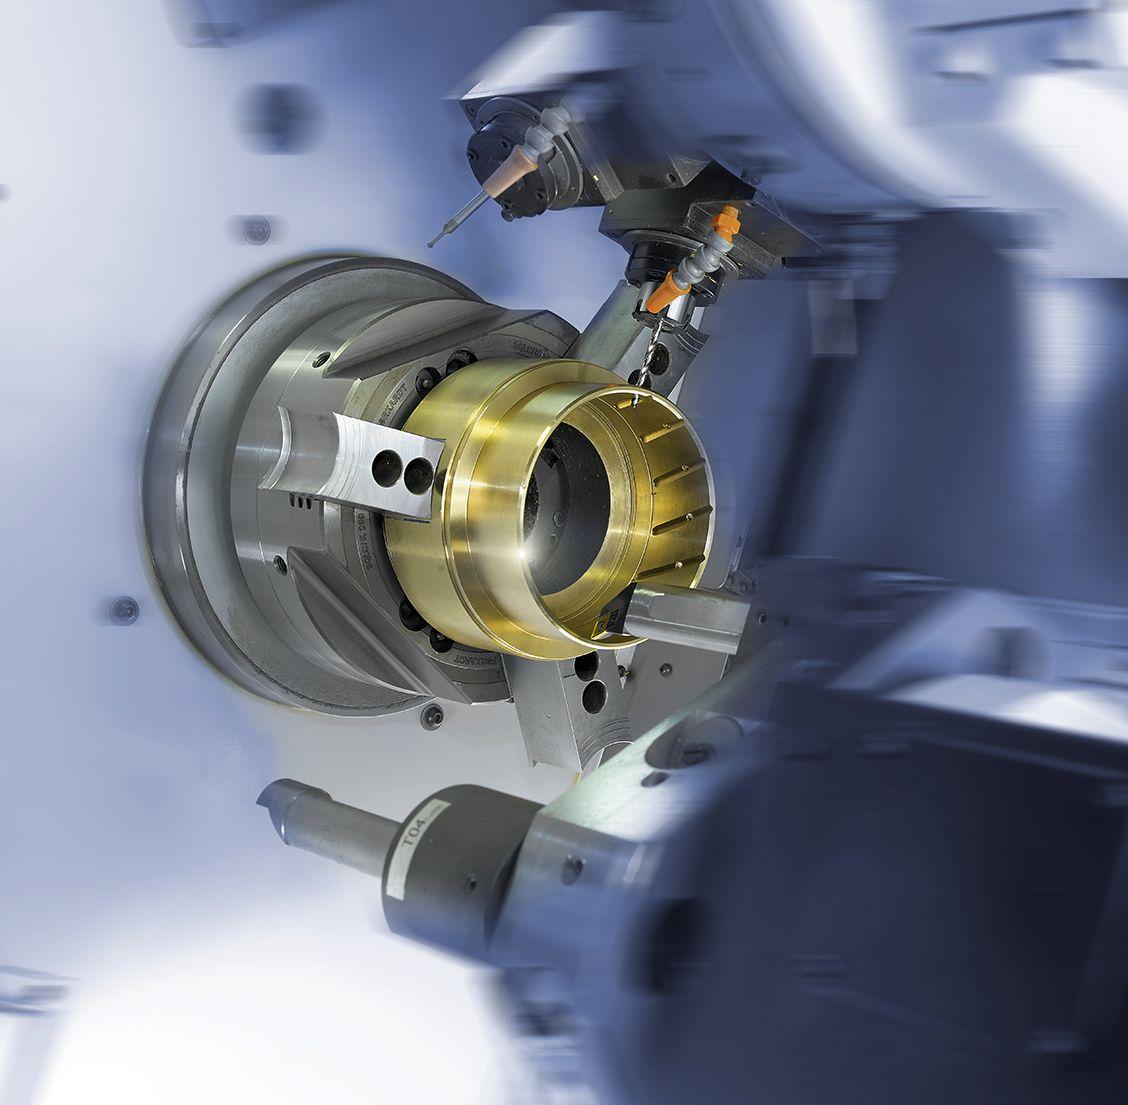 4-Achs-Drehmaschine der Firma Caspar Gleitlager GmbH